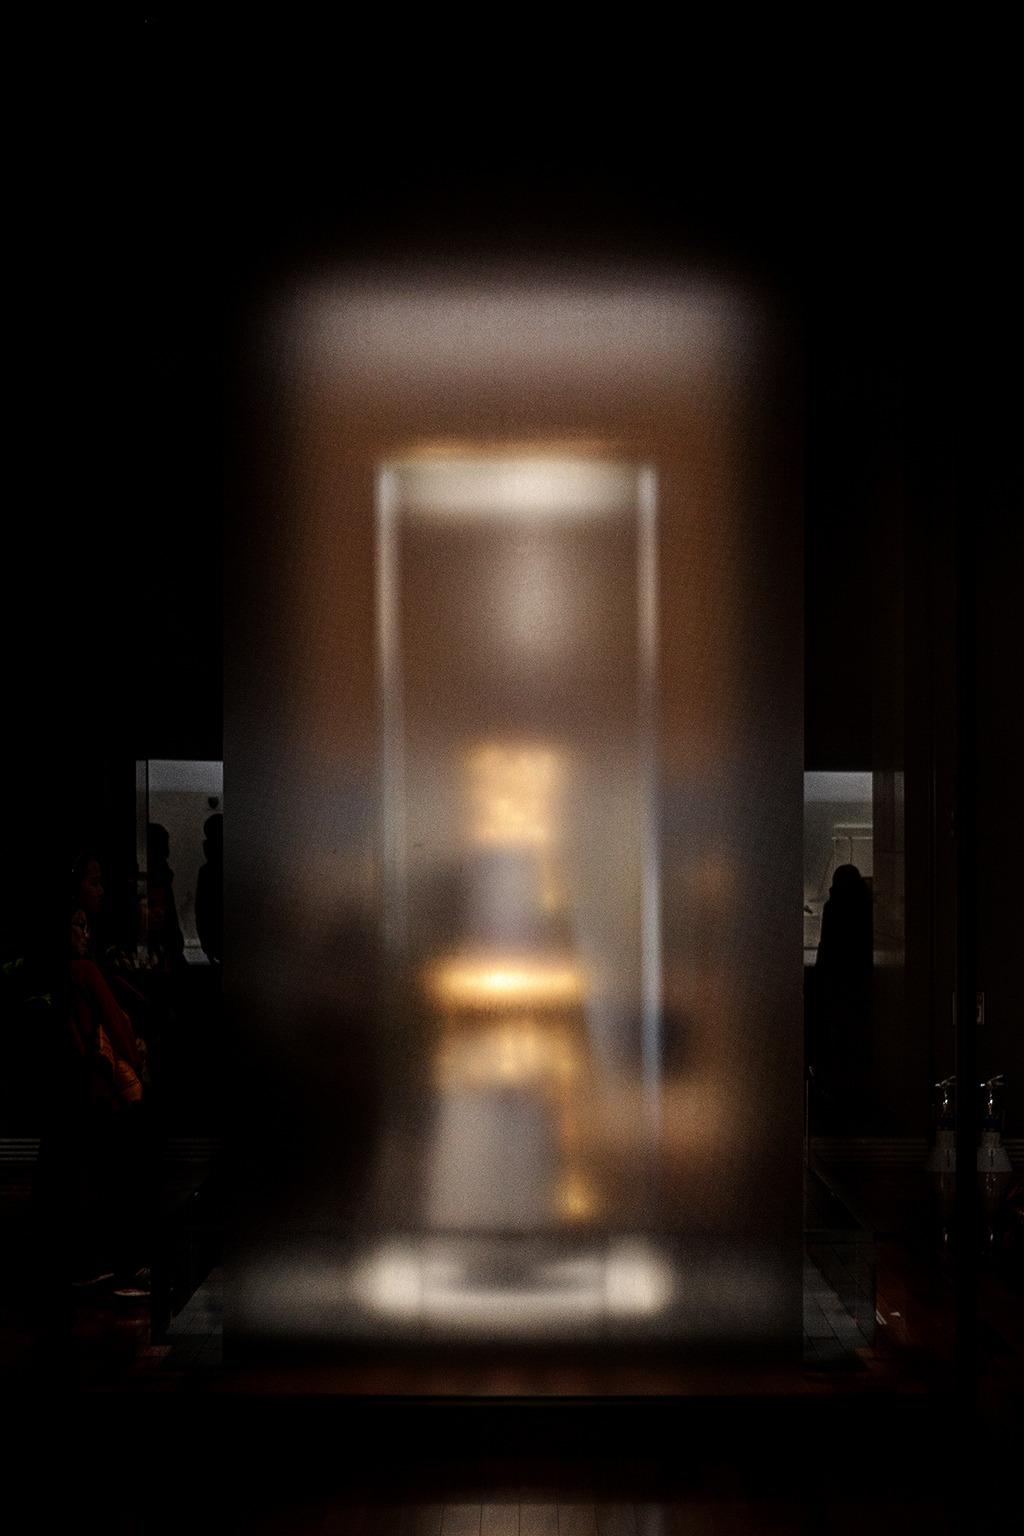 불투명유리 안쪽에 흐릿하게 금빛모양만 남아있는 무엇이 있고 주변에는 그것을 구경하는 사람들이 보인다.